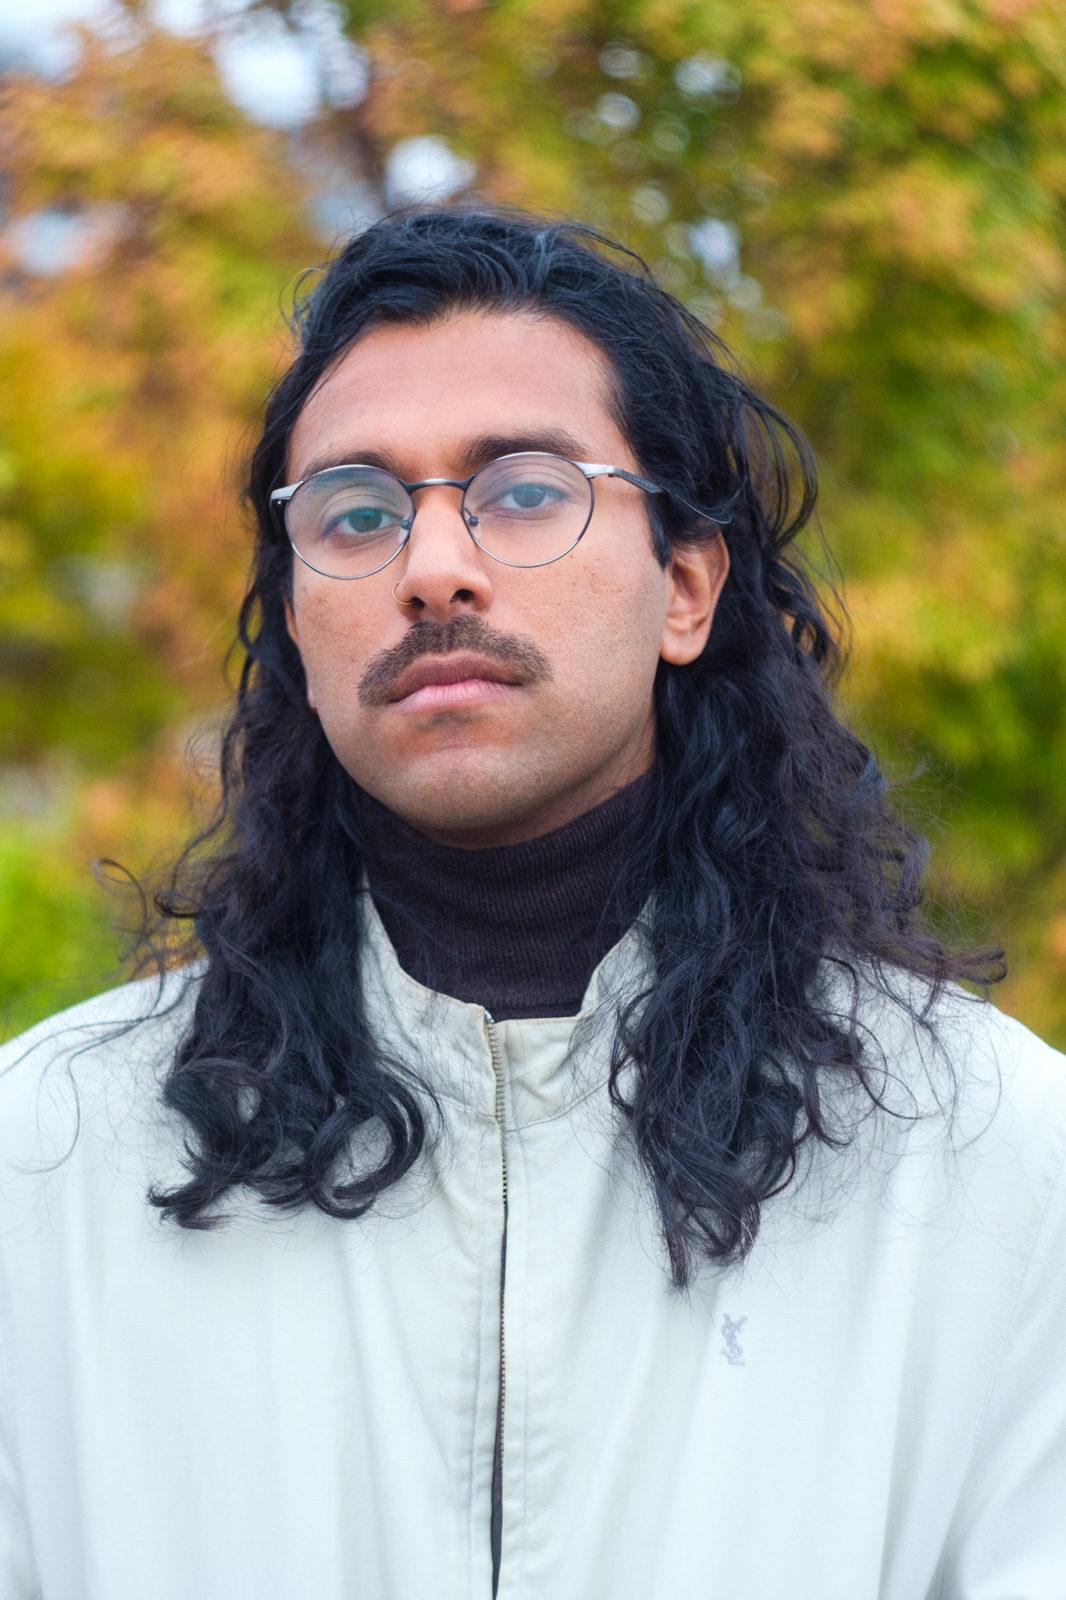 Rakin Azfar